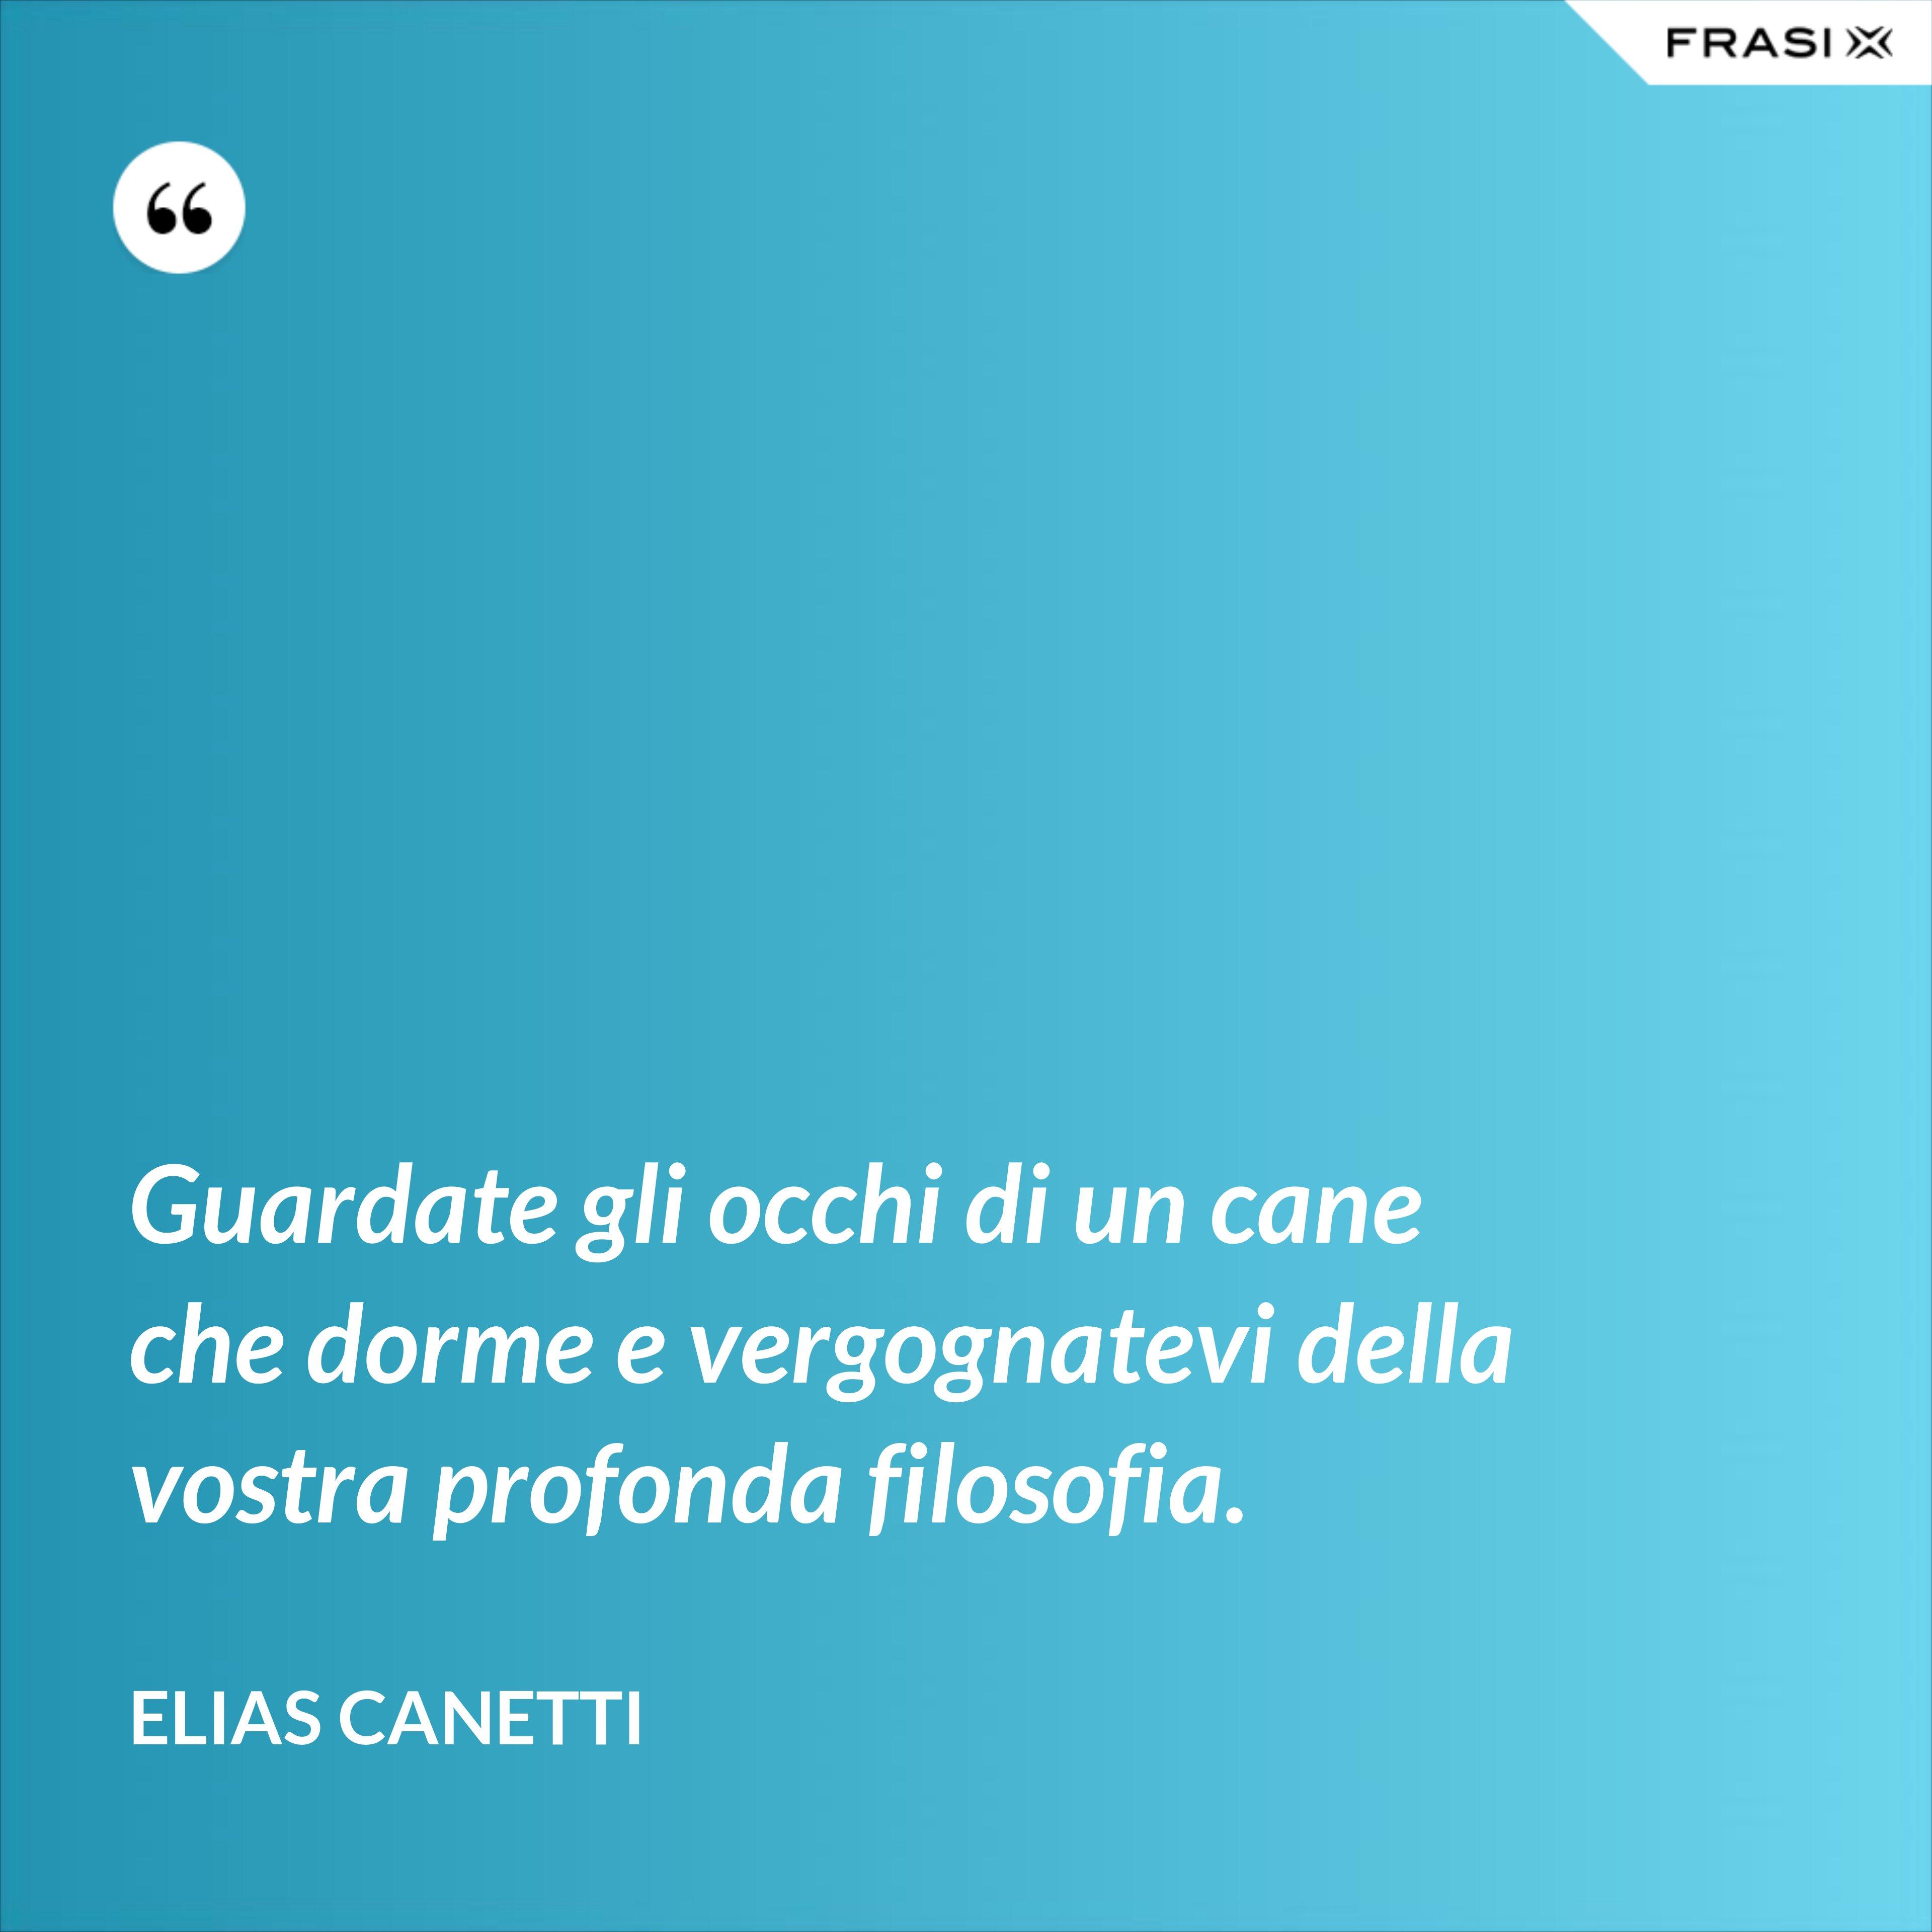 Guardate gli occhi di un cane che dorme e vergognatevi della vostra profonda filosofia. - Elias Canetti